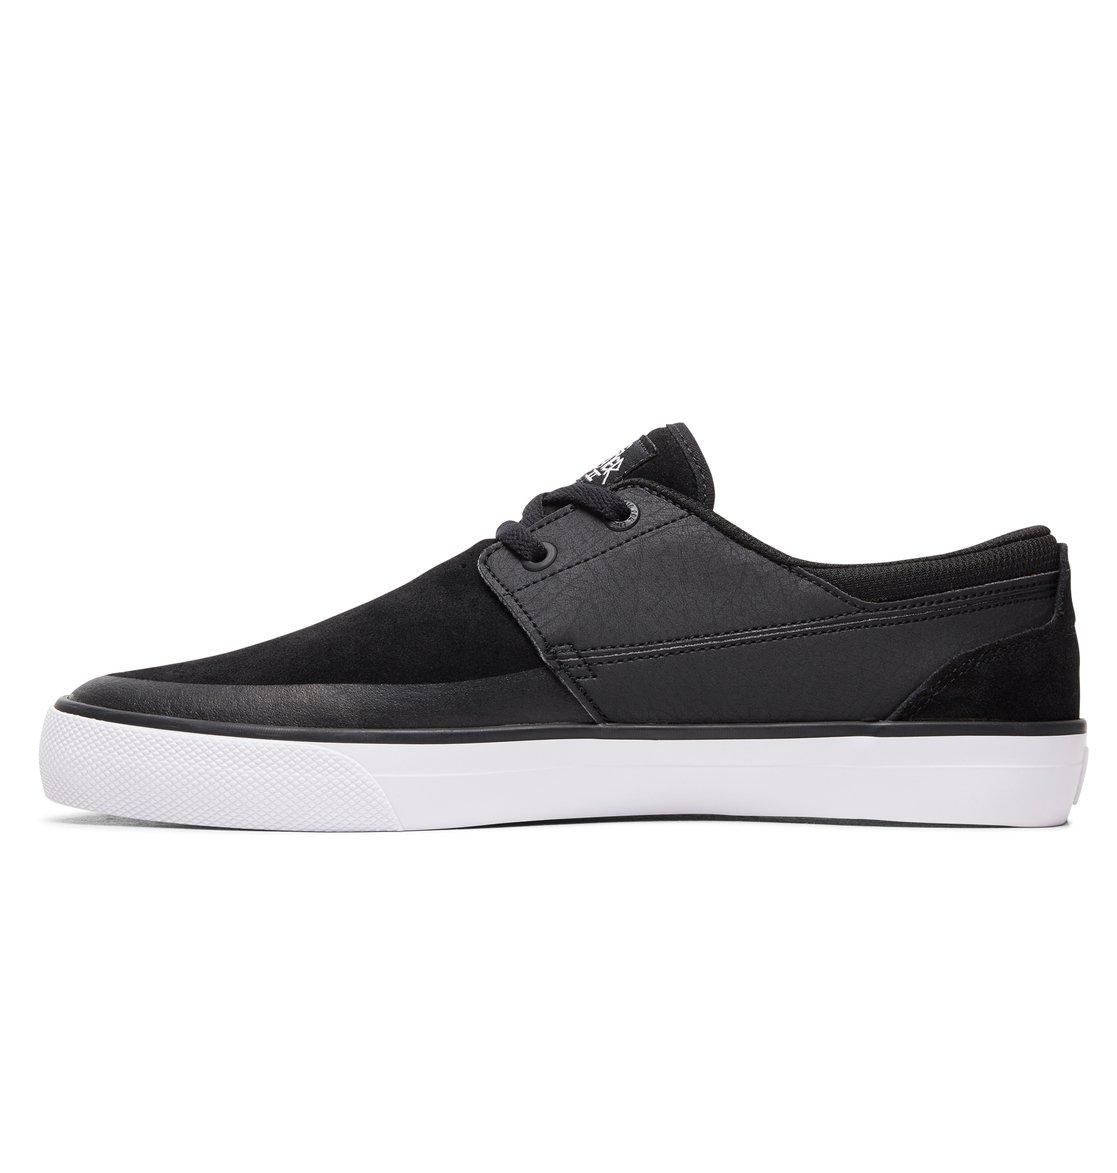 Dc Shoes Wes Kremer 2 S M Shoe Bb8, Man, Color: Brown/black, Size: 45 Eu (11.5 Us / 10.5 Uk)